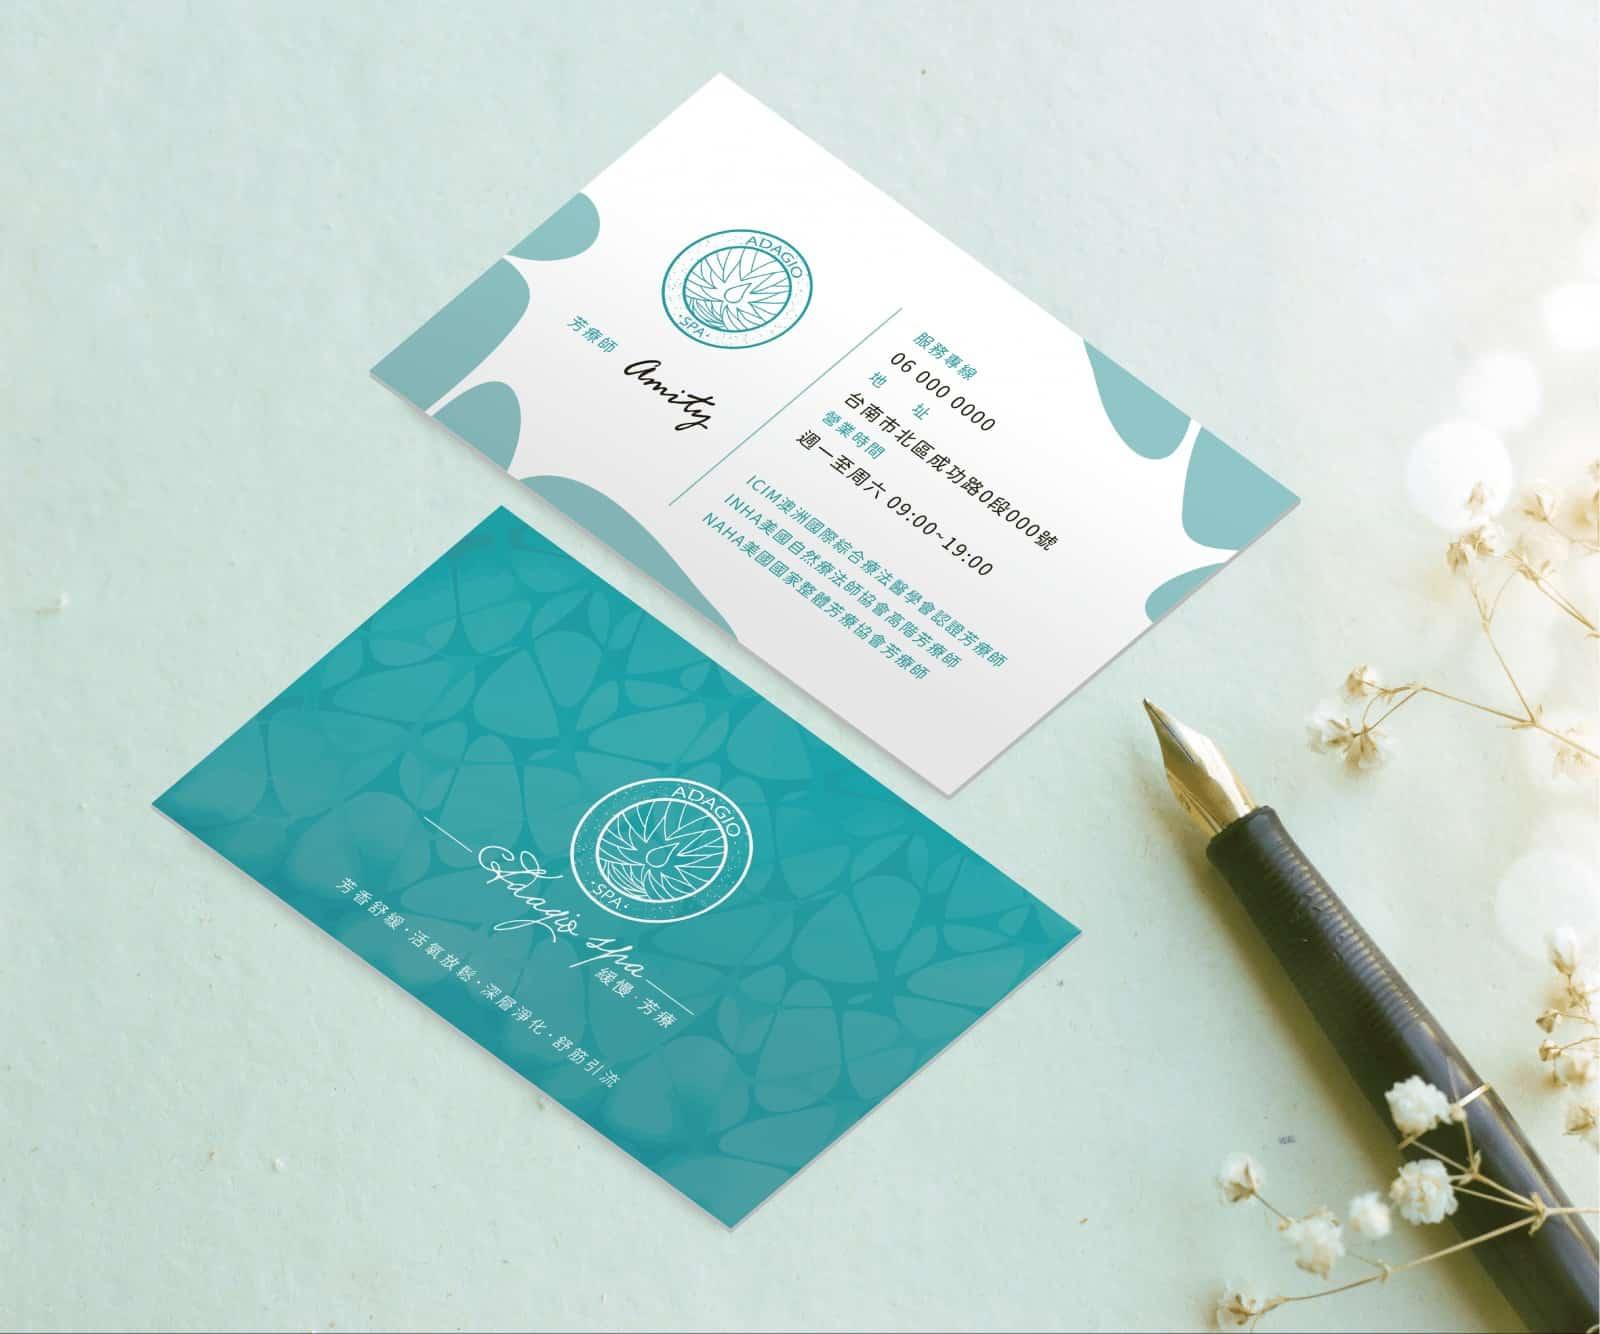 緩慢芳療 LOGO設計 名片設計 形象設計 商標設計 品牌設計